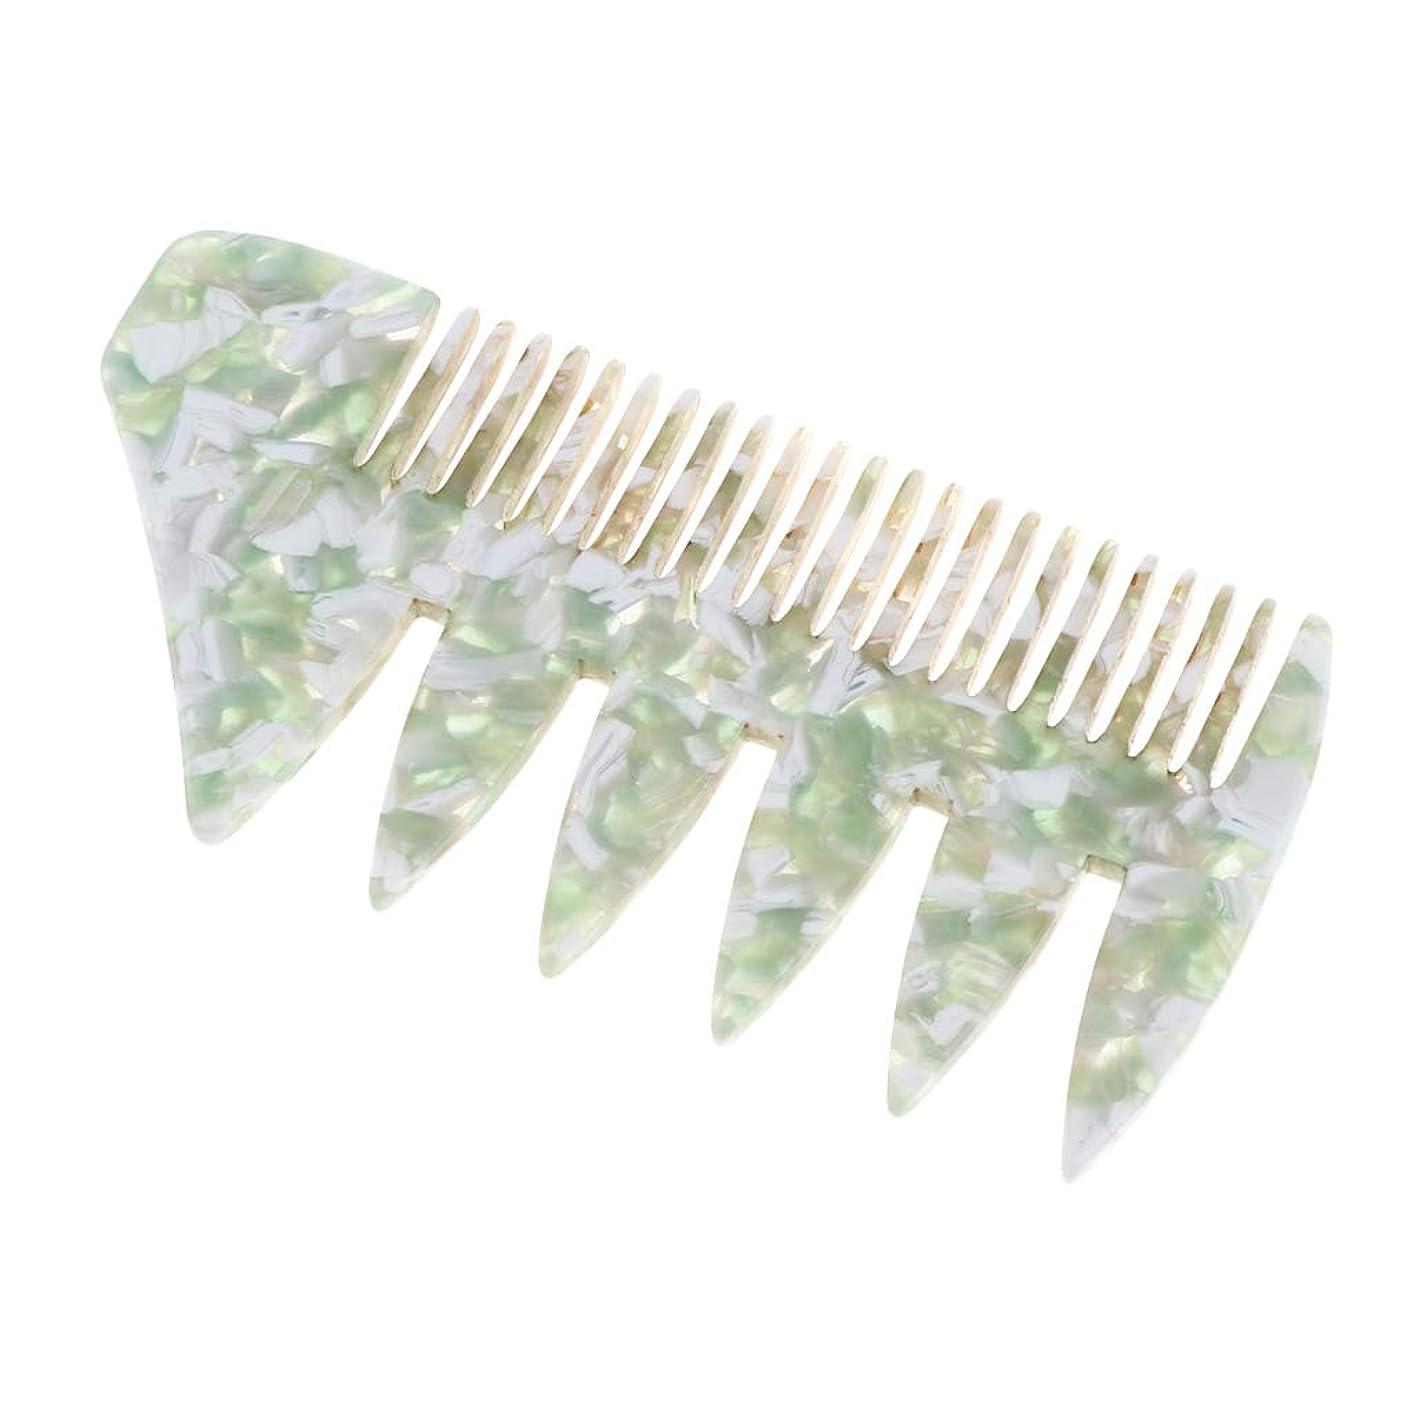 熟練した航空便セールSM SunniMix プラスチック 広い歯 ヘアスタイリング櫛 くし 全4色 - 緑